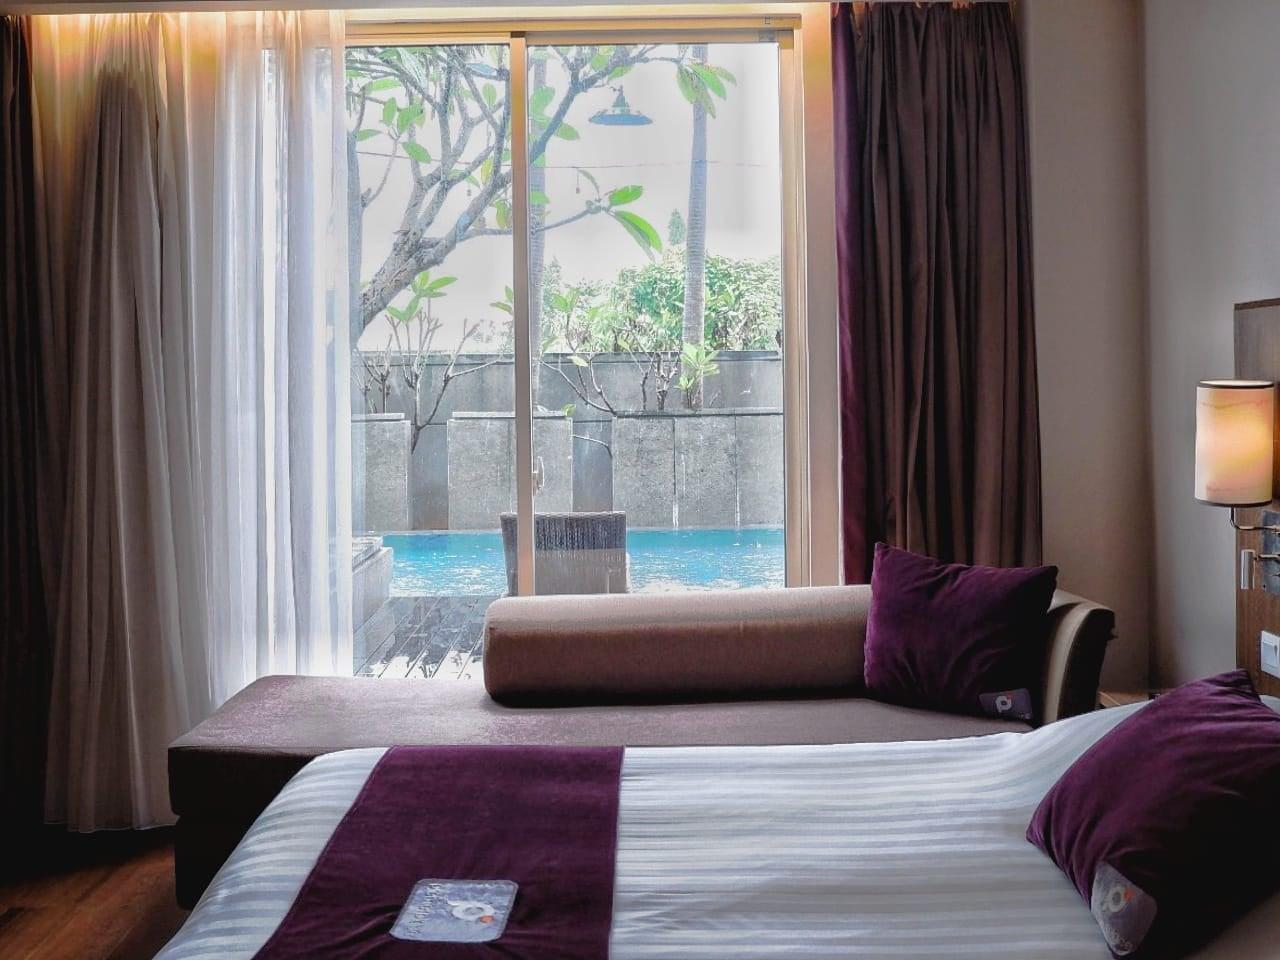 Hotel Premier Place